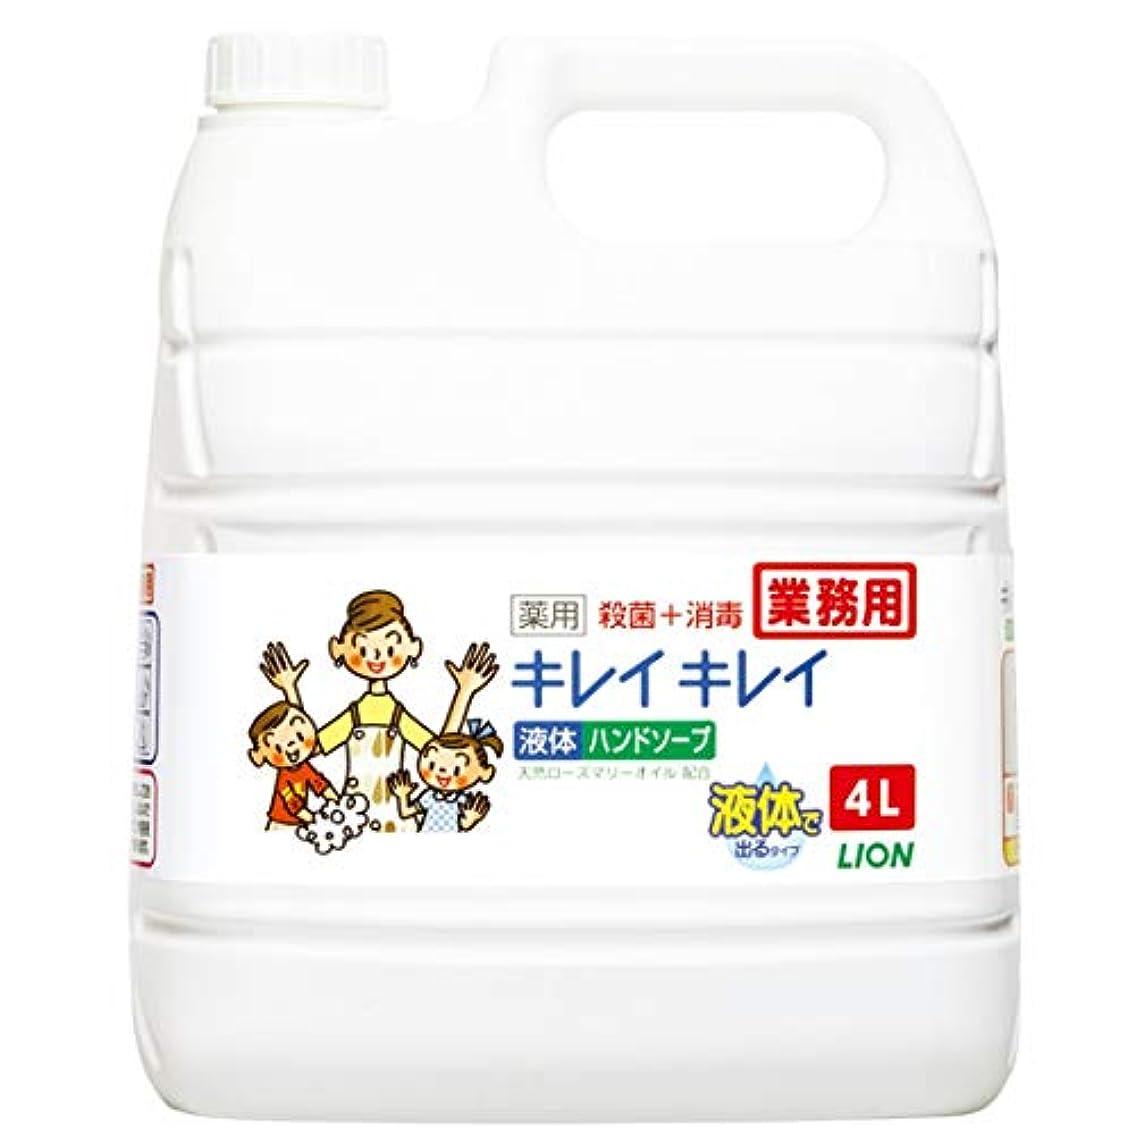 カポック重々しいこしょう【業務用 大容量】キレイキレイ 薬用 ハンドソープ (医薬部外品) 単品 4L